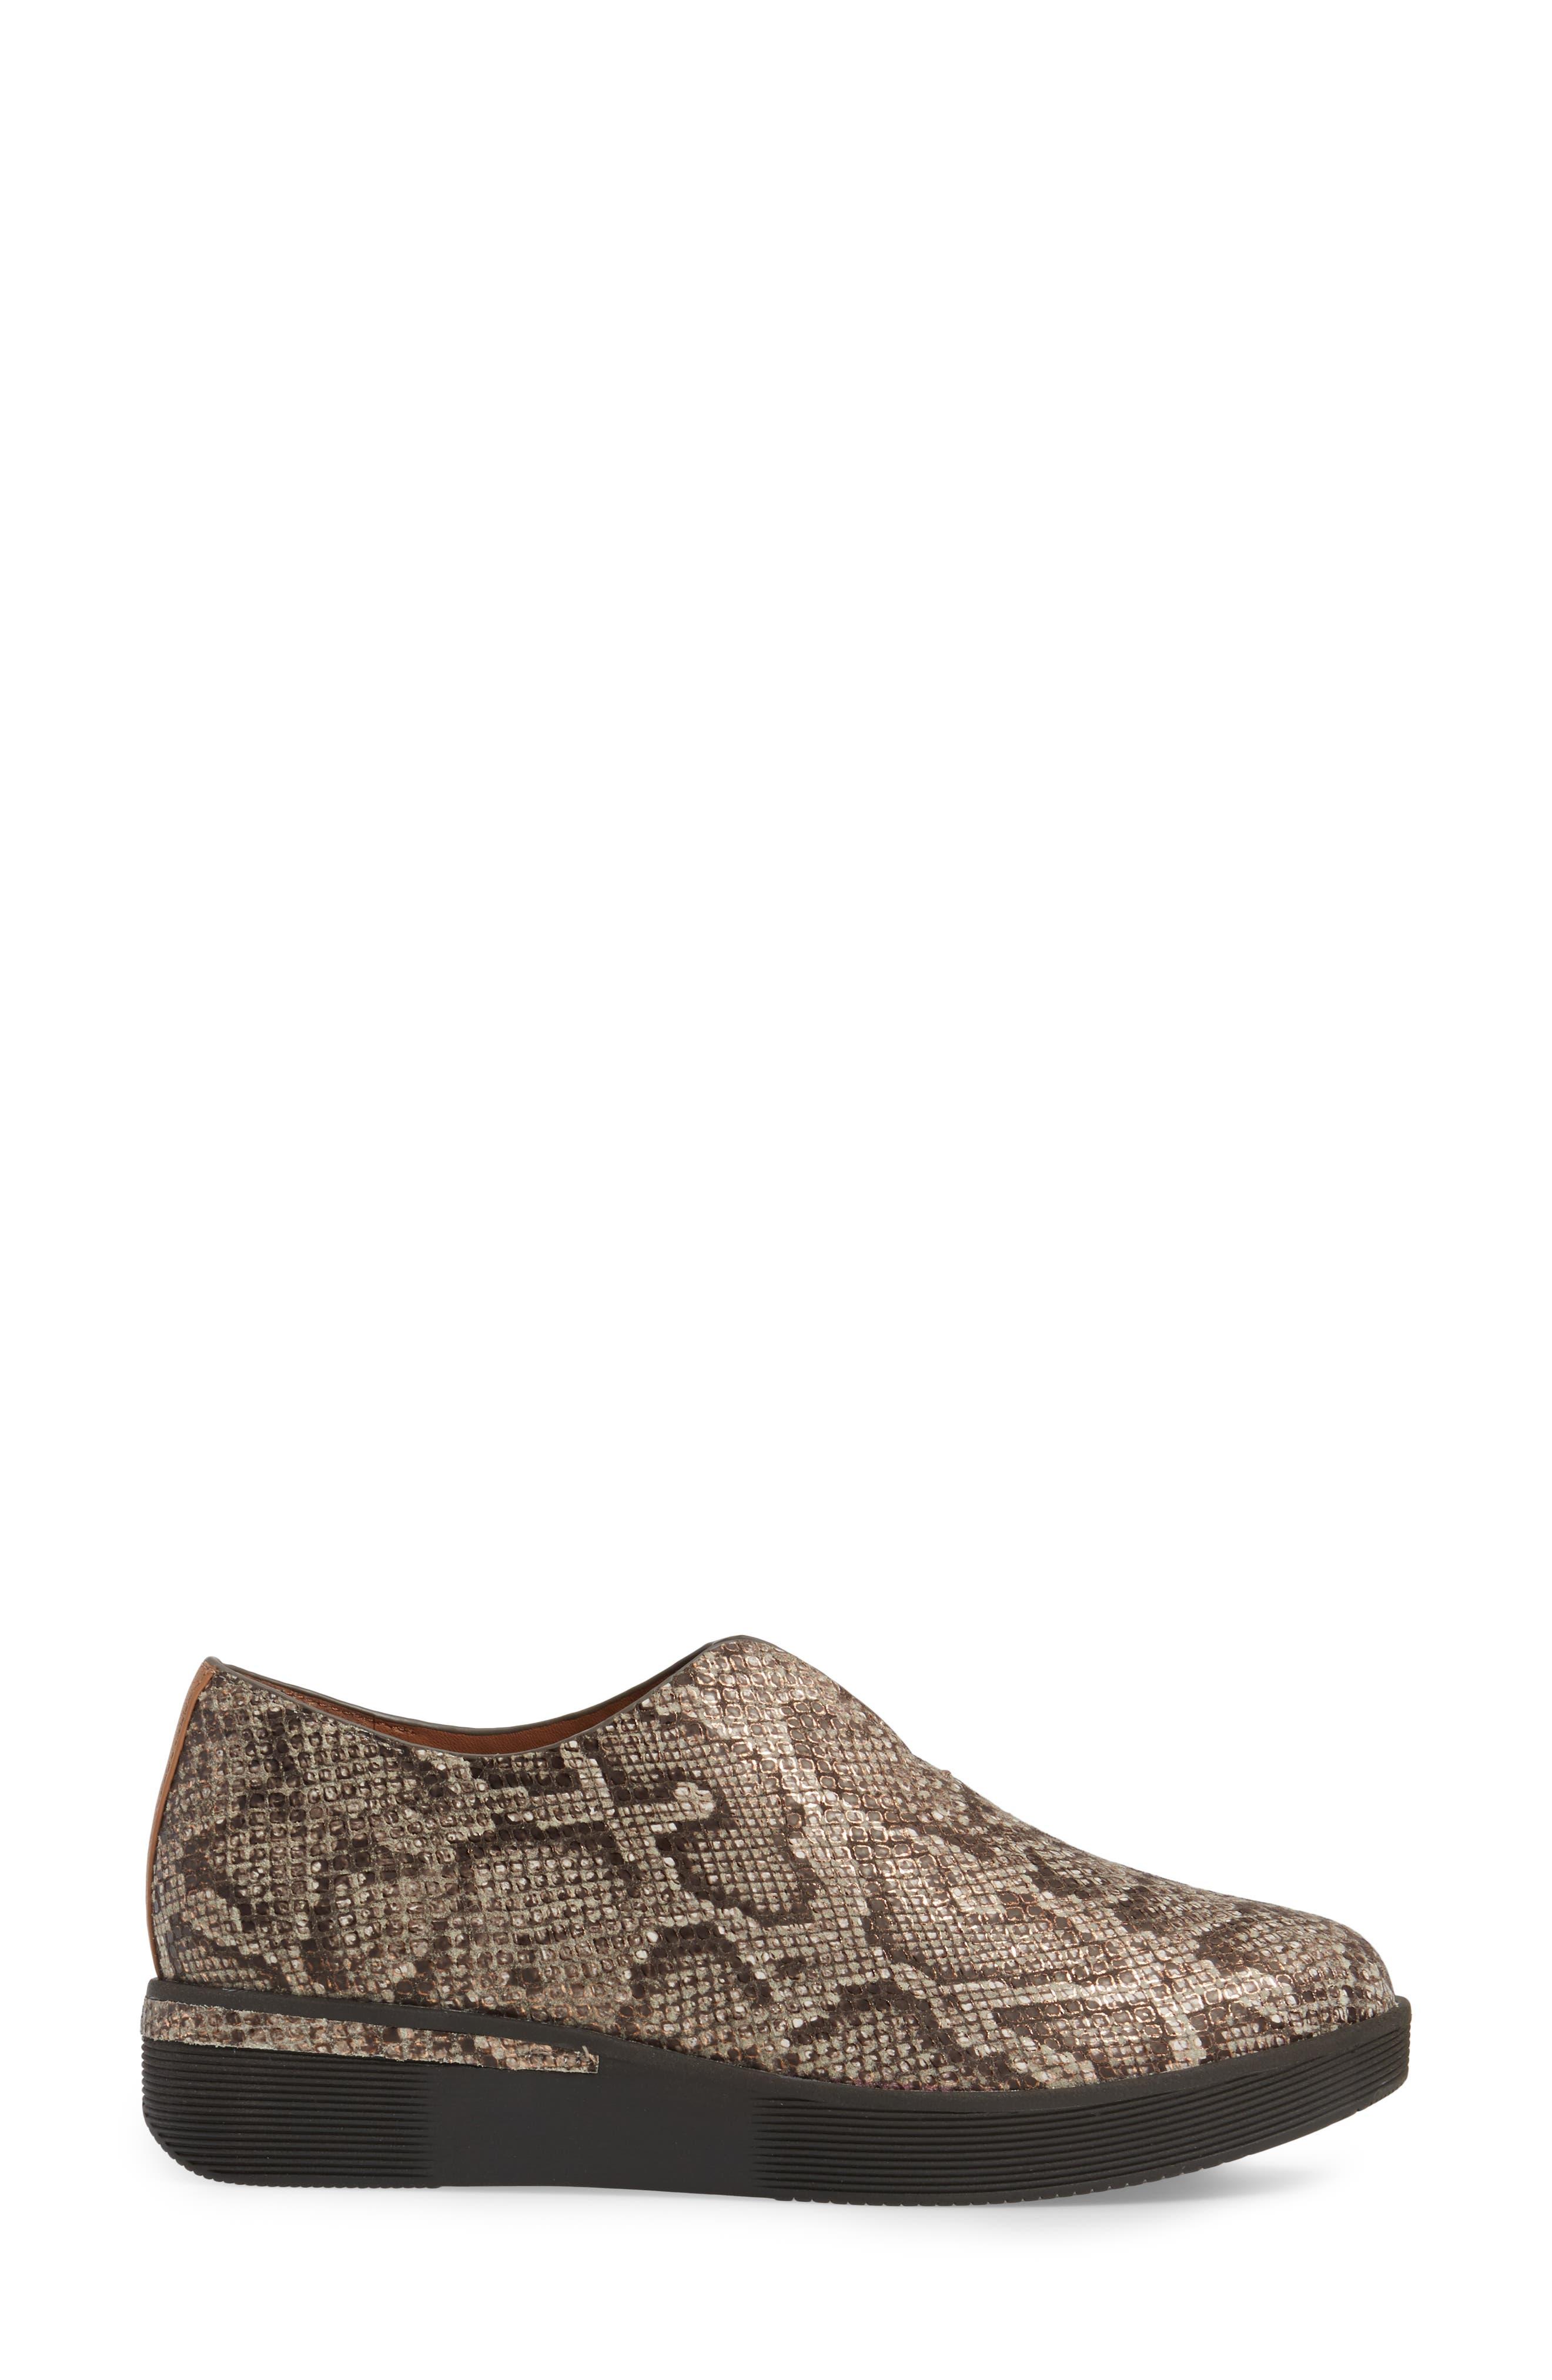 Hanna Slip-On Sneaker,                             Alternate thumbnail 3, color,                             Rose Gold Leather